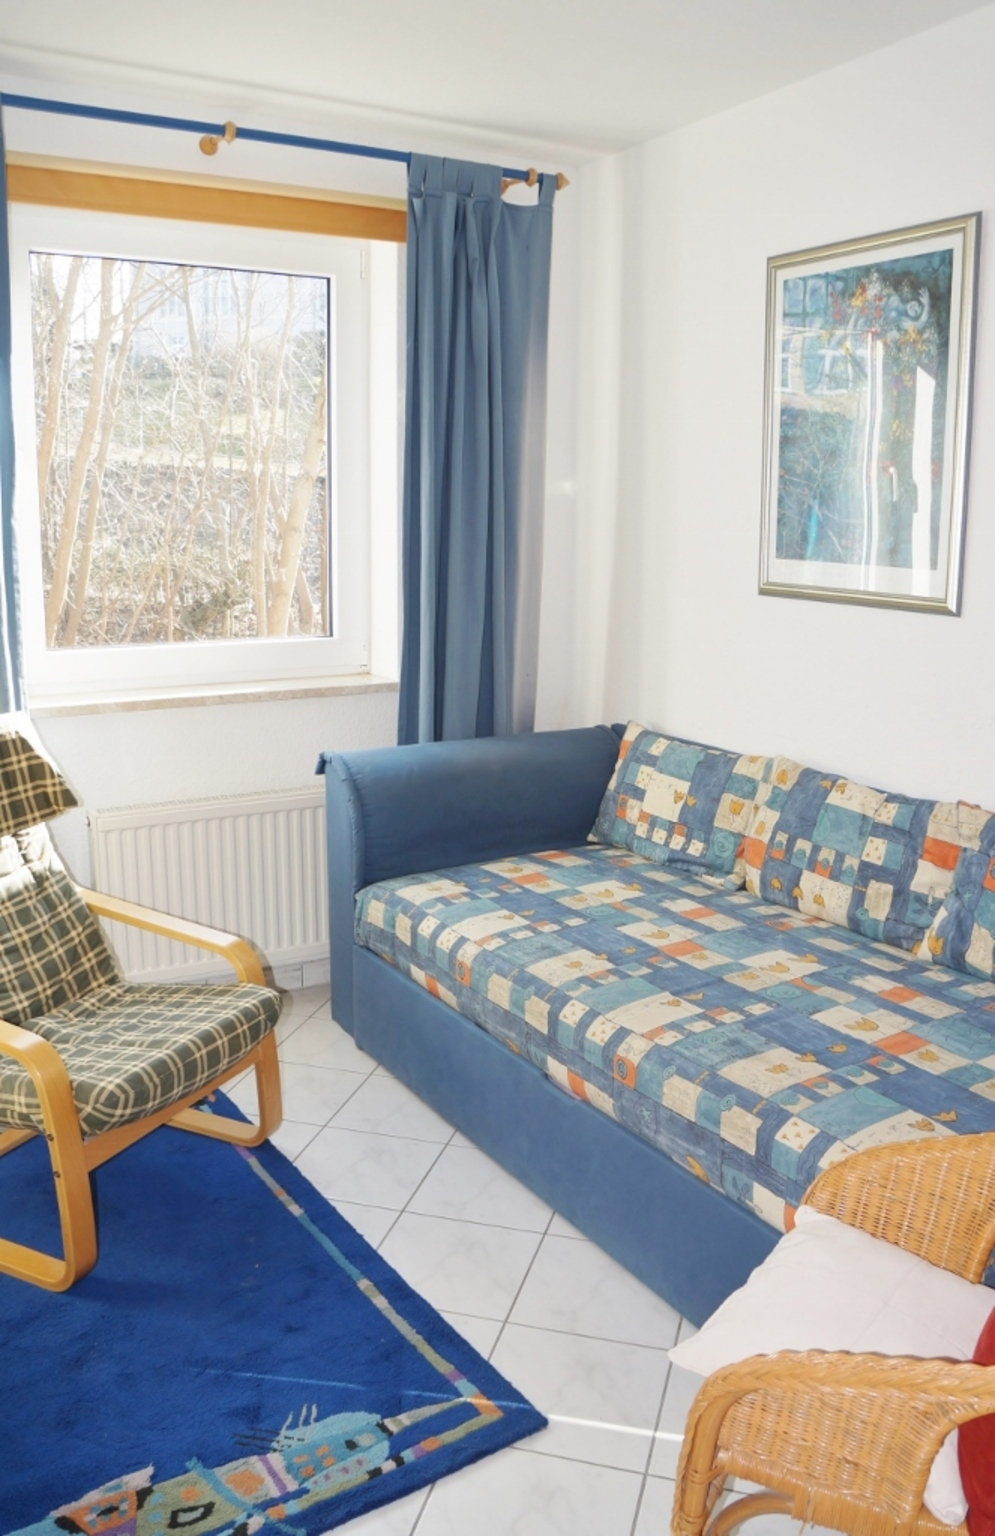 Haus Nordstrand - Ferienwohnung 45126, Wohnung 11